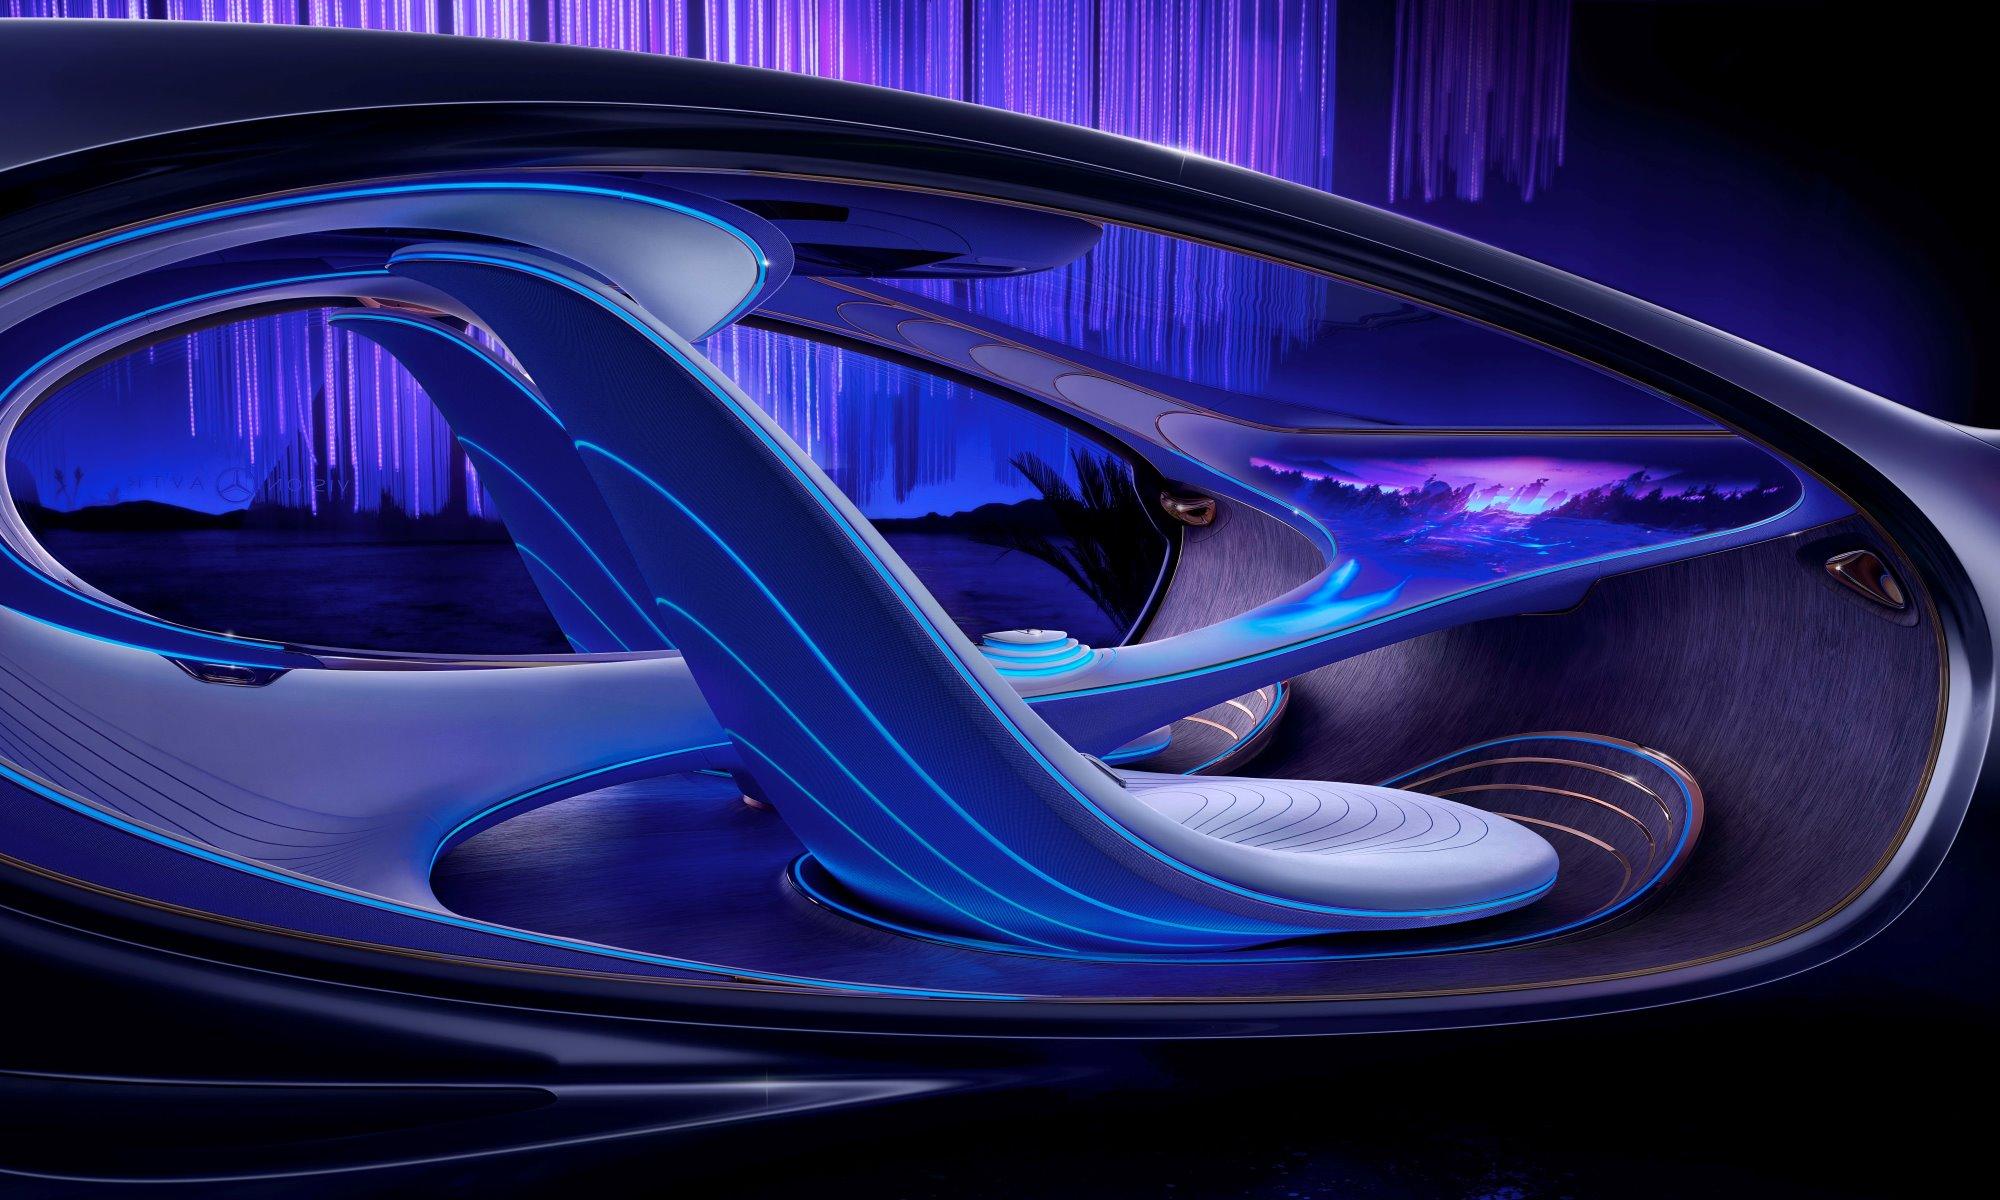 Mercedes-Benz Vision AVTR cockpit